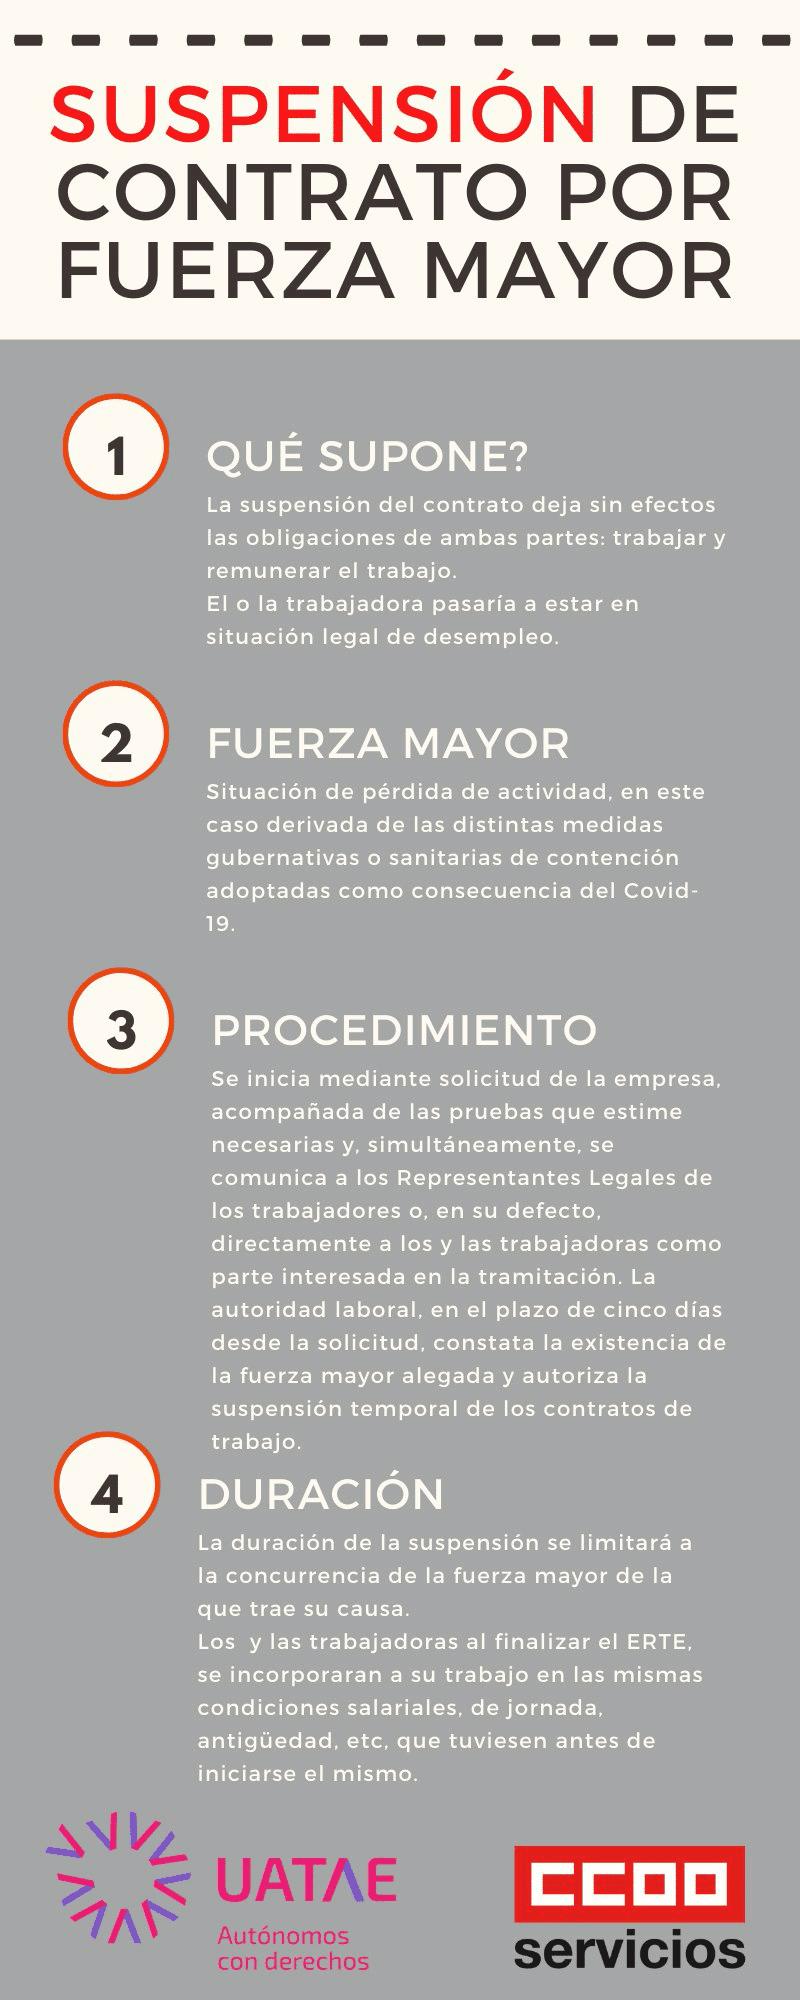 Autonomos con derechos